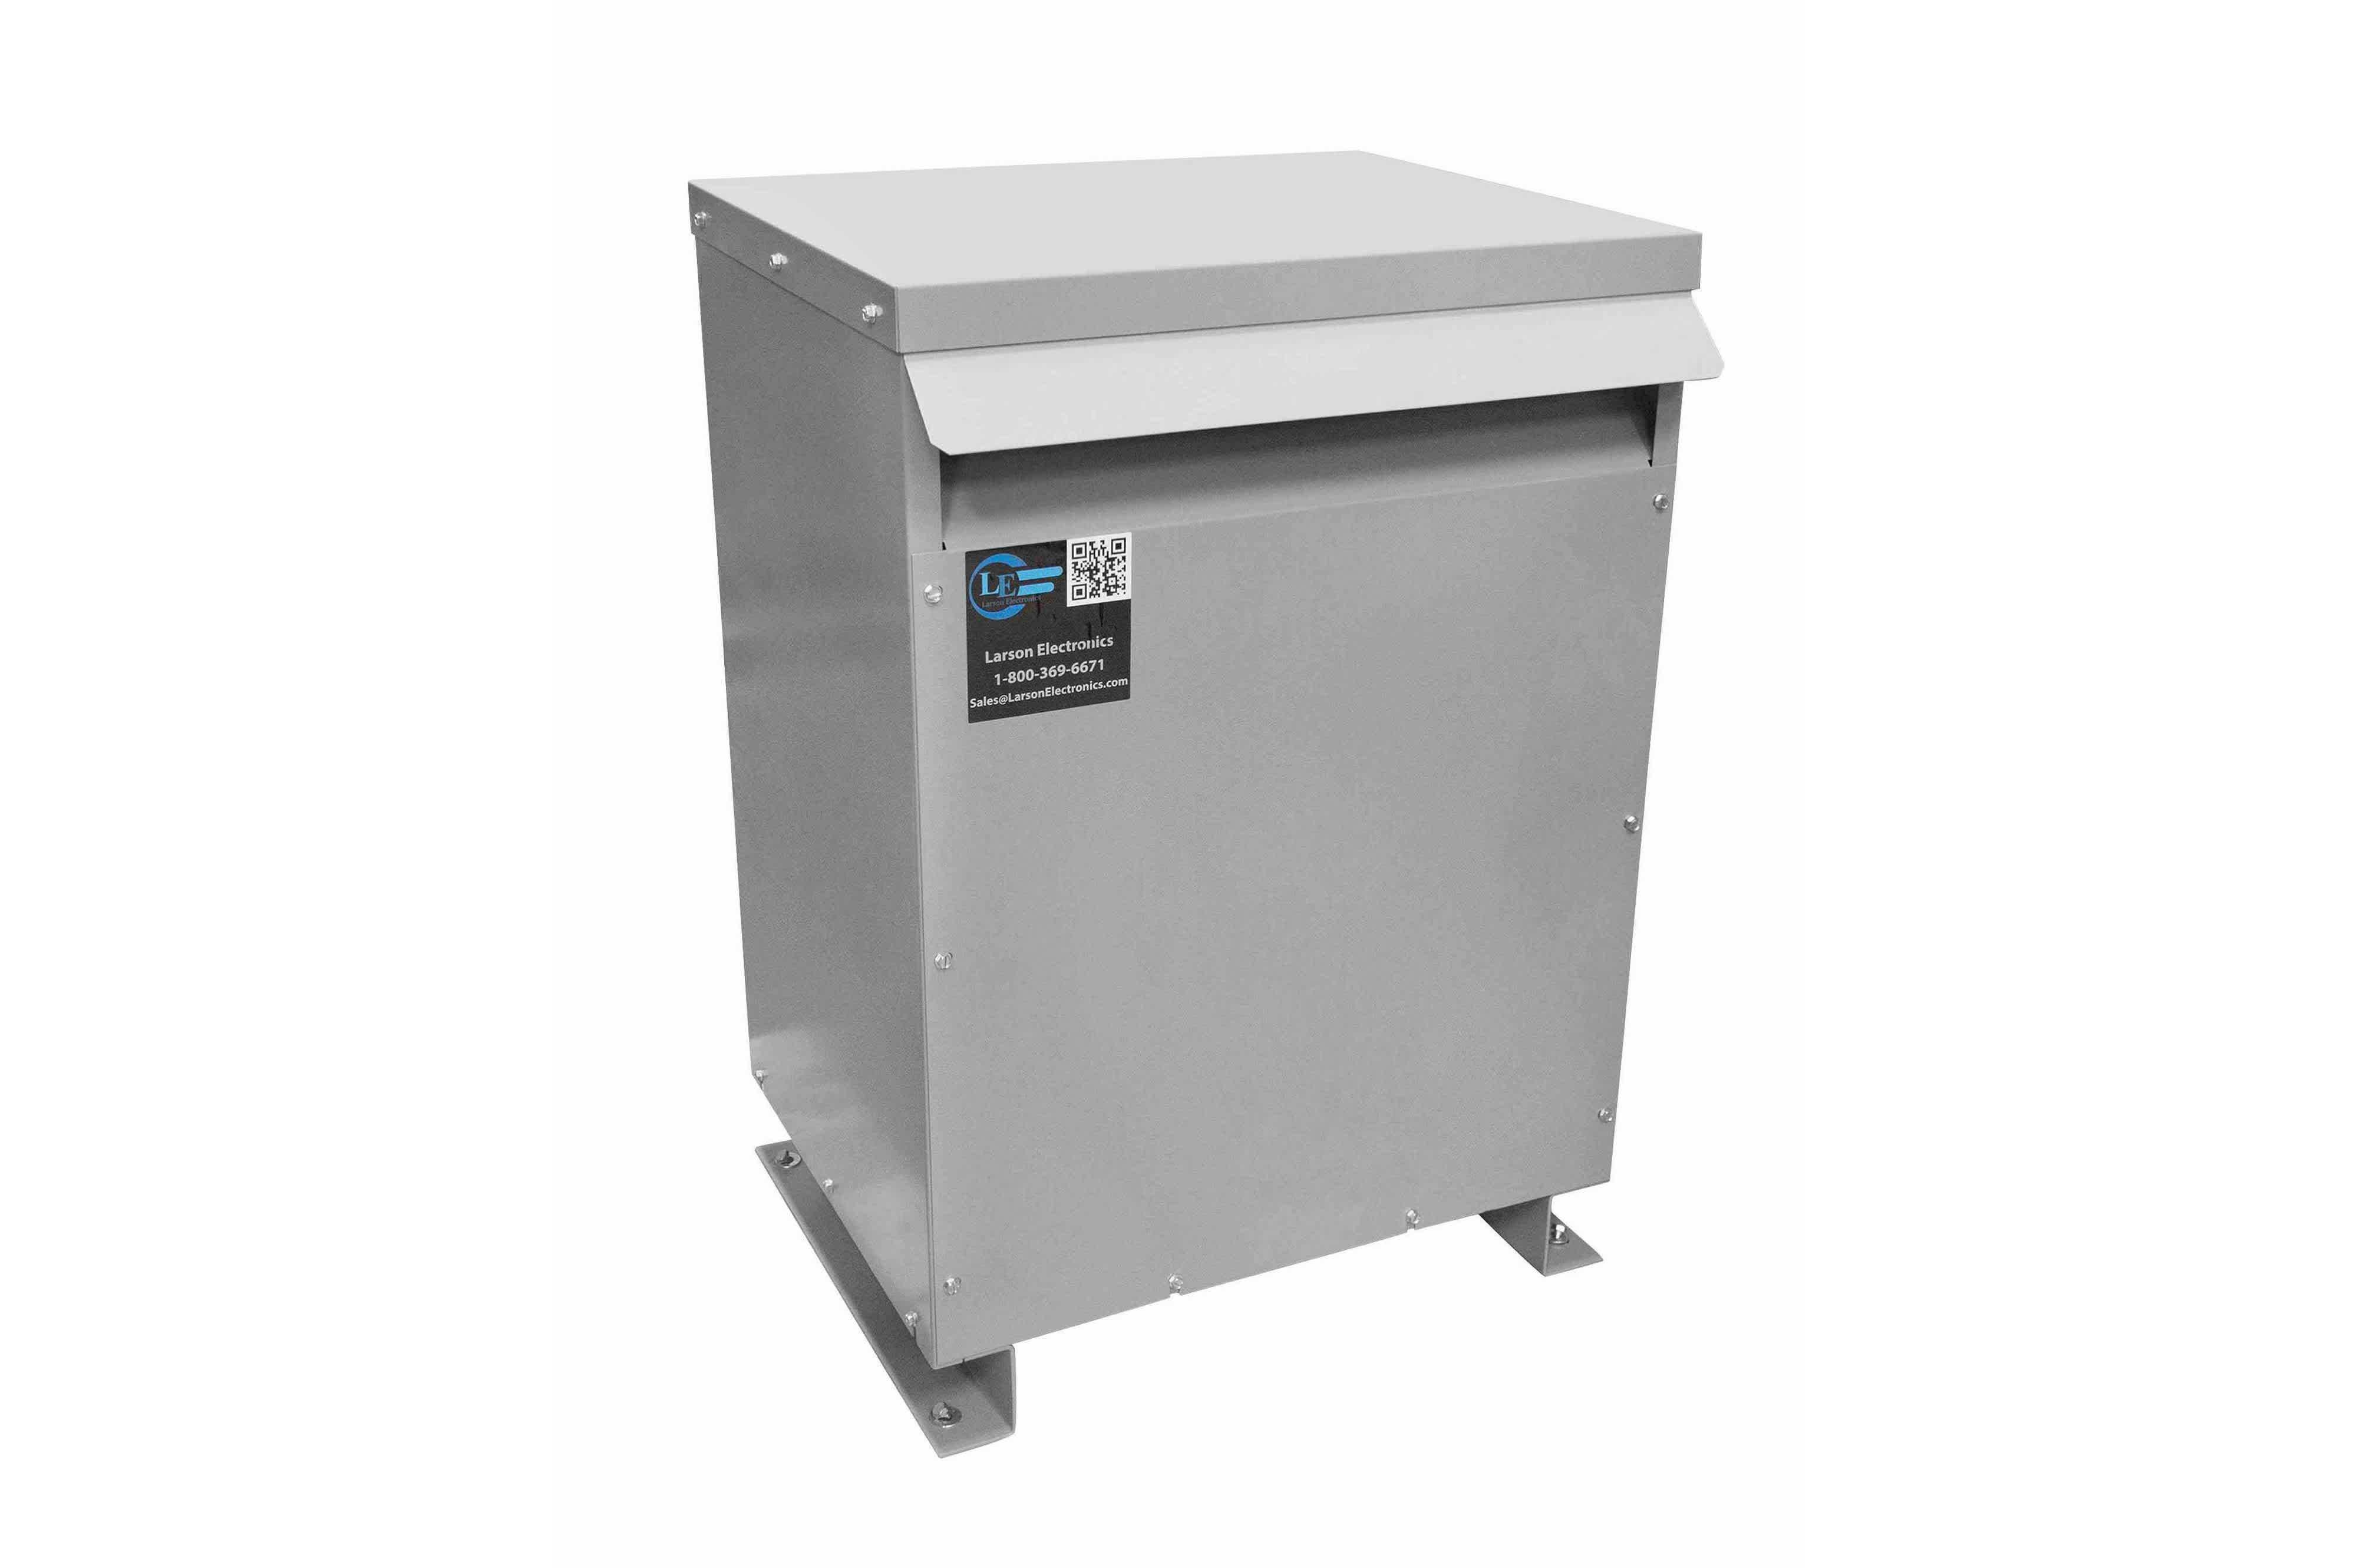 35 kVA 3PH Isolation Transformer, 440V Delta Primary, 240 Delta Secondary, N3R, Ventilated, 60 Hz